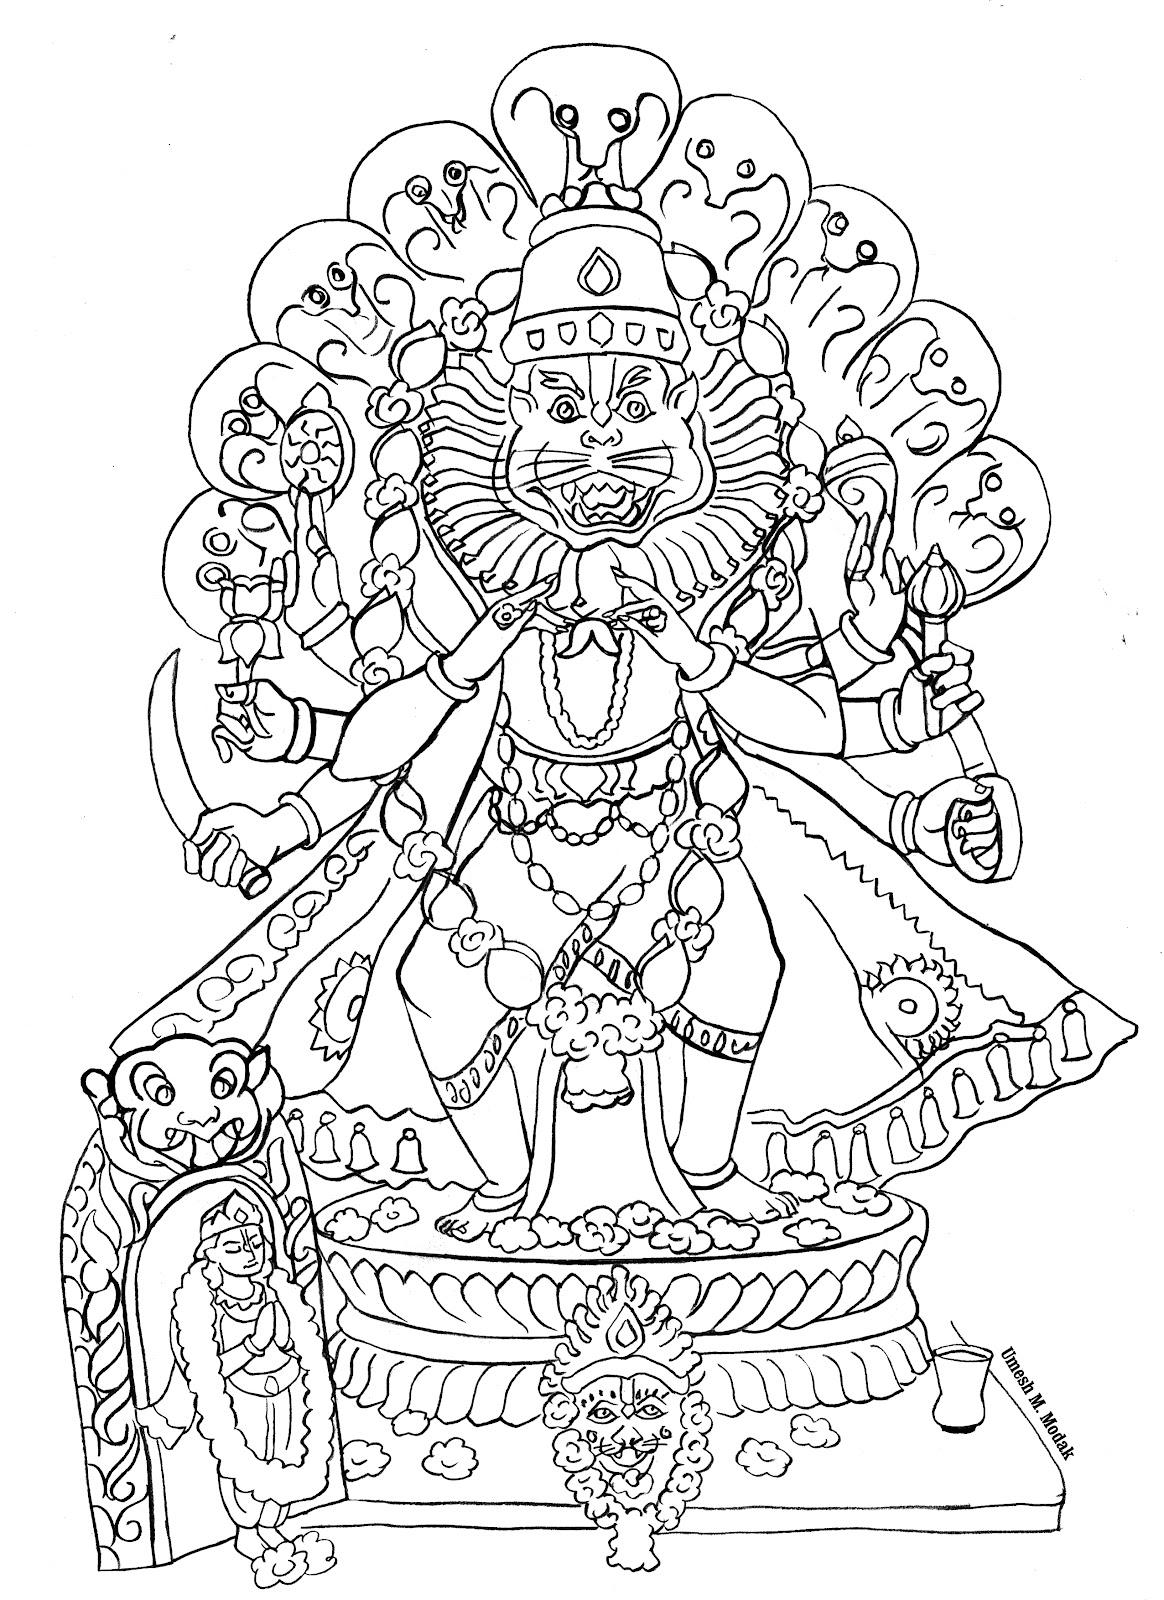 Sri lakshmi narasimhar 05 01 2014 06 01 2014 for Lakshmi coloring pages